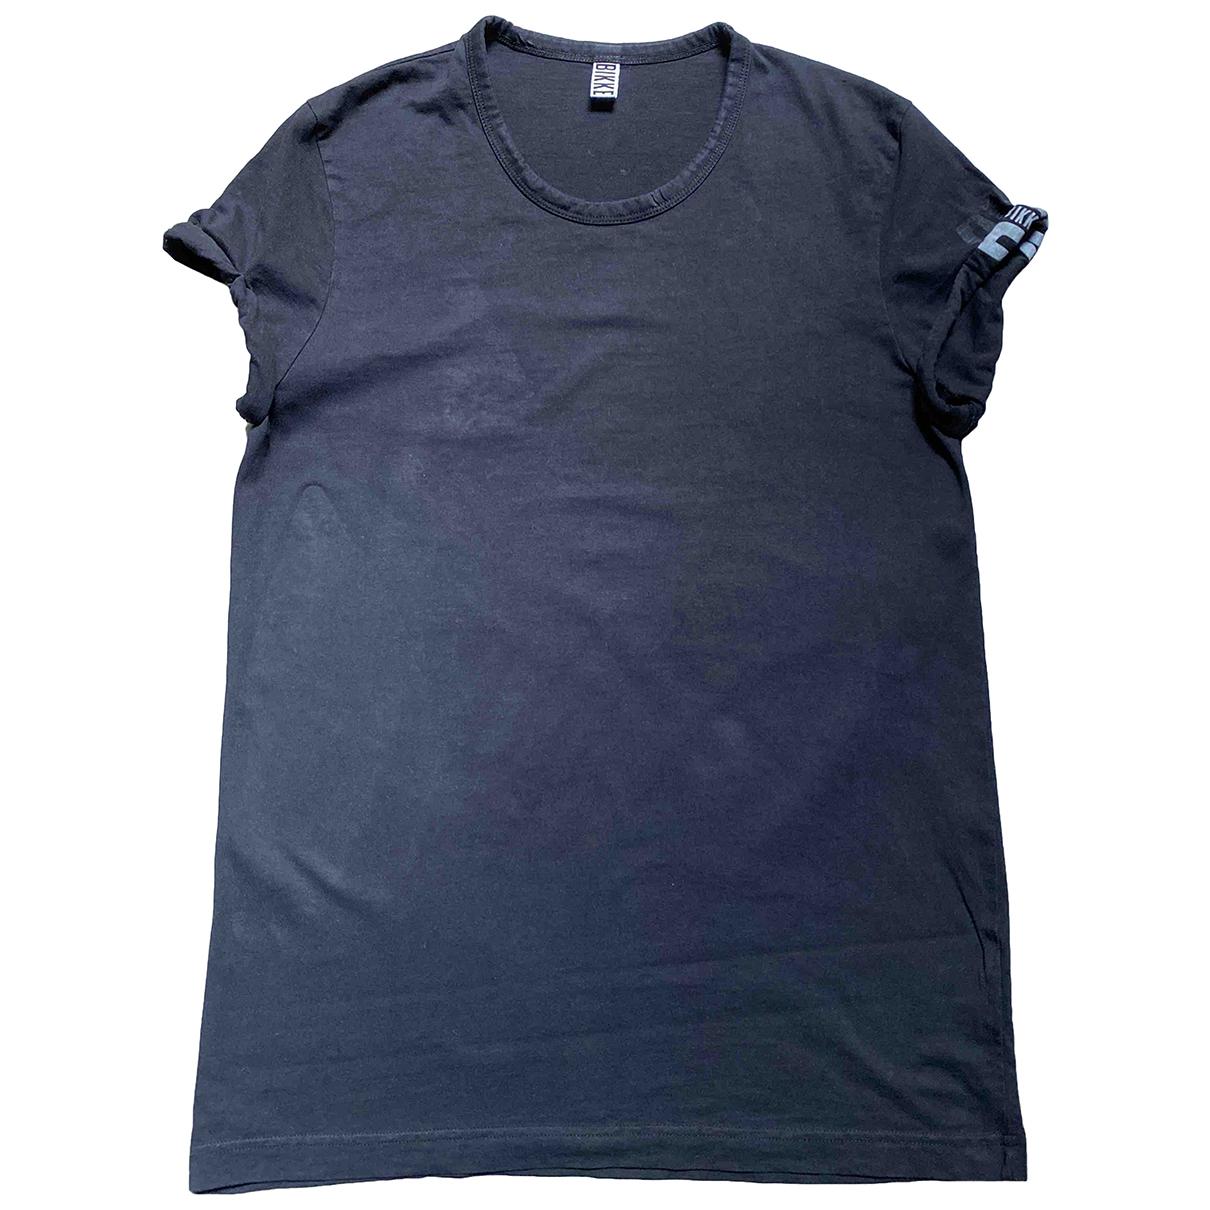 Dirk Bikkembergs - Tee shirts   pour homme en coton - noir